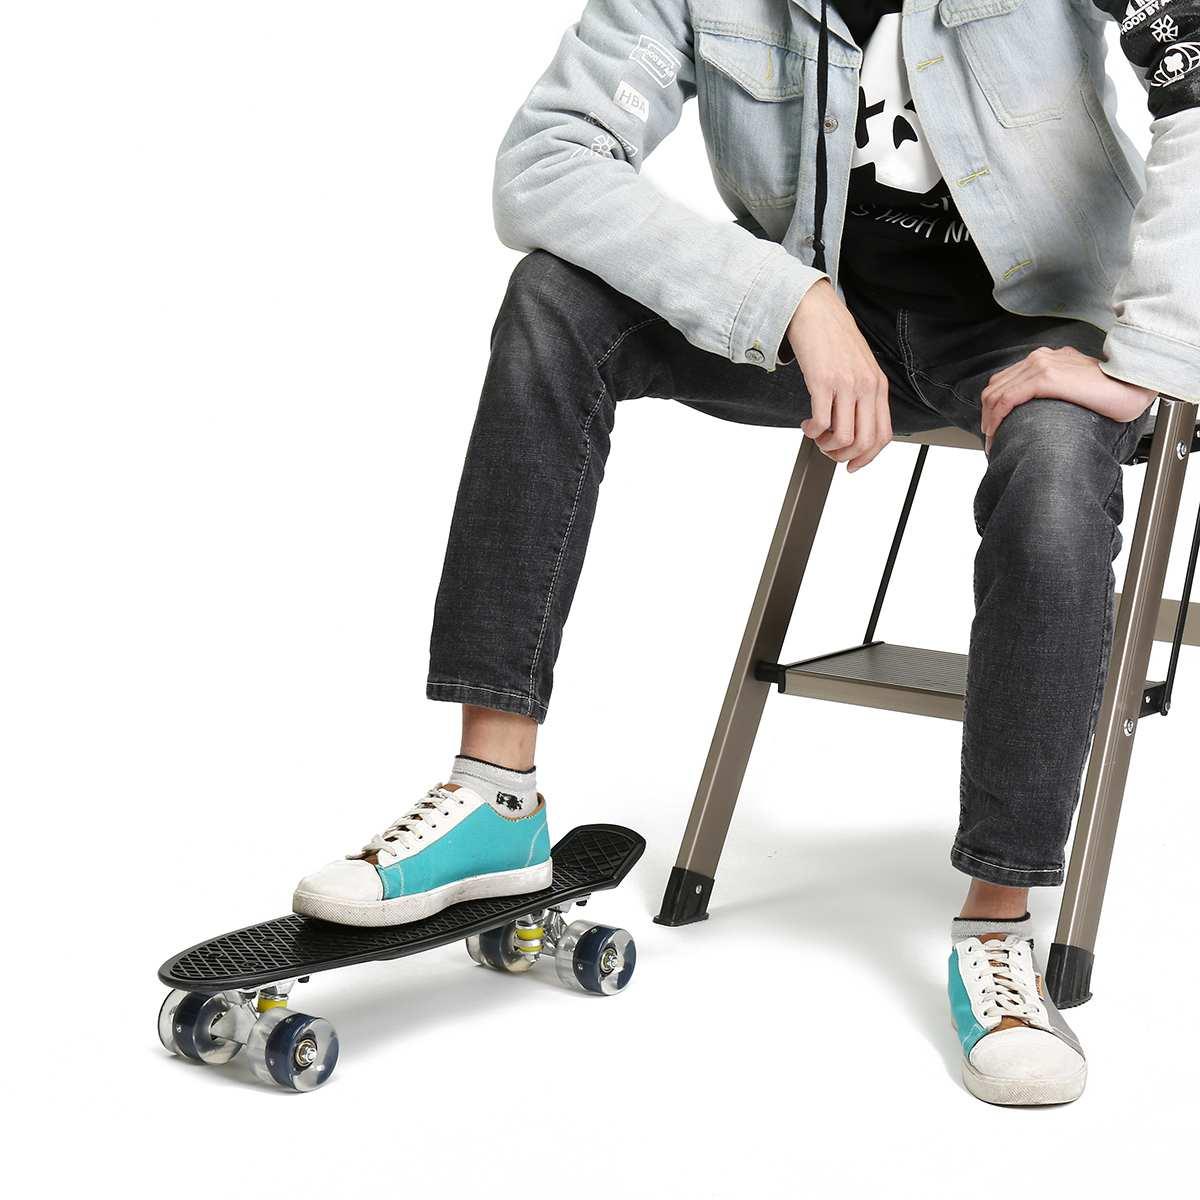 22 pouces Mini planche à roulettes en plastique planche à roulettes roue en polyuréthane avec LED lumières Cruiser complet Skateboard Sports enfants enfants cadeaux unisexe - 3